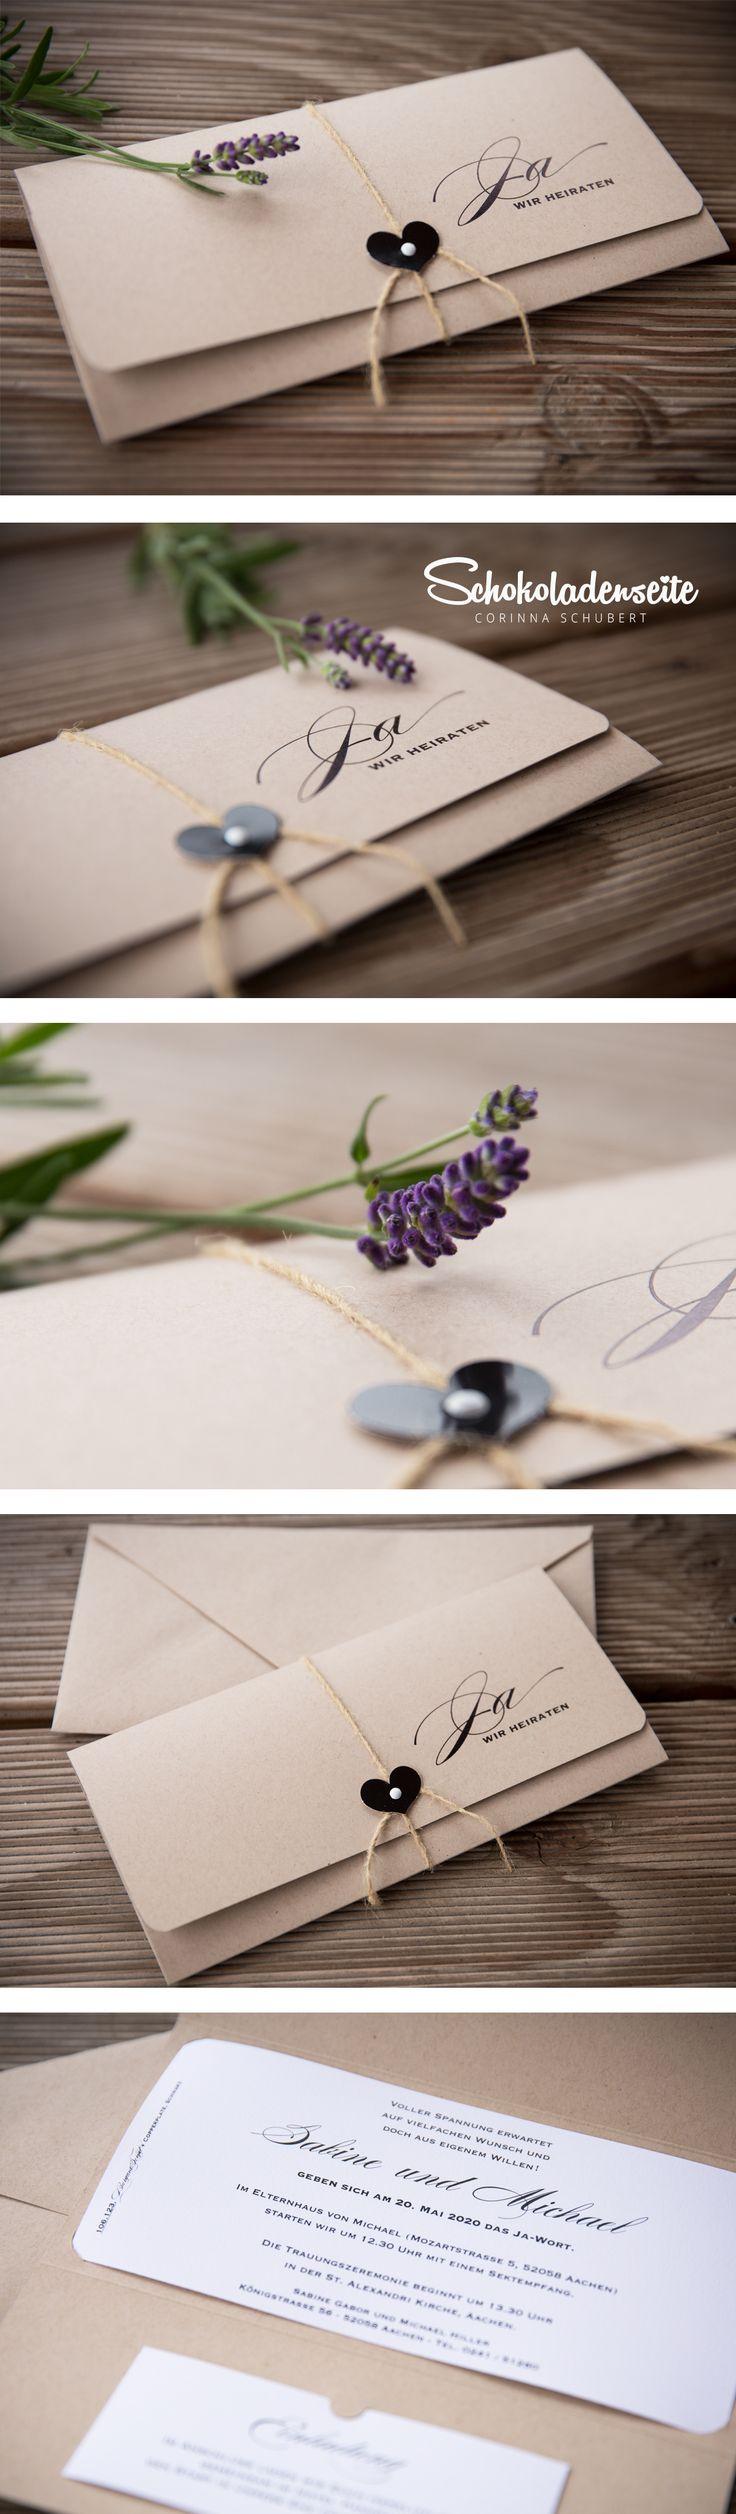 Hallo ihr Lieben, hier habe ich eine unserer bezaubernden Kraftkartonkarten für euch <3 Sie ist mit einem raffinierten Verschluss ausgestattet und wird von einem rustikalen Band sicher verschlossen. Die stilsichere Schriftgestaltung lässt später viel Platz für alle Richtungen der Deko und Farbwünsche des Brautpaares. <3 #schokoladenseitekarten #love #kraftkarton #invitations #wedding #weddinginvitations #einladung #hochzeitseinladung #beautiful #lavendel